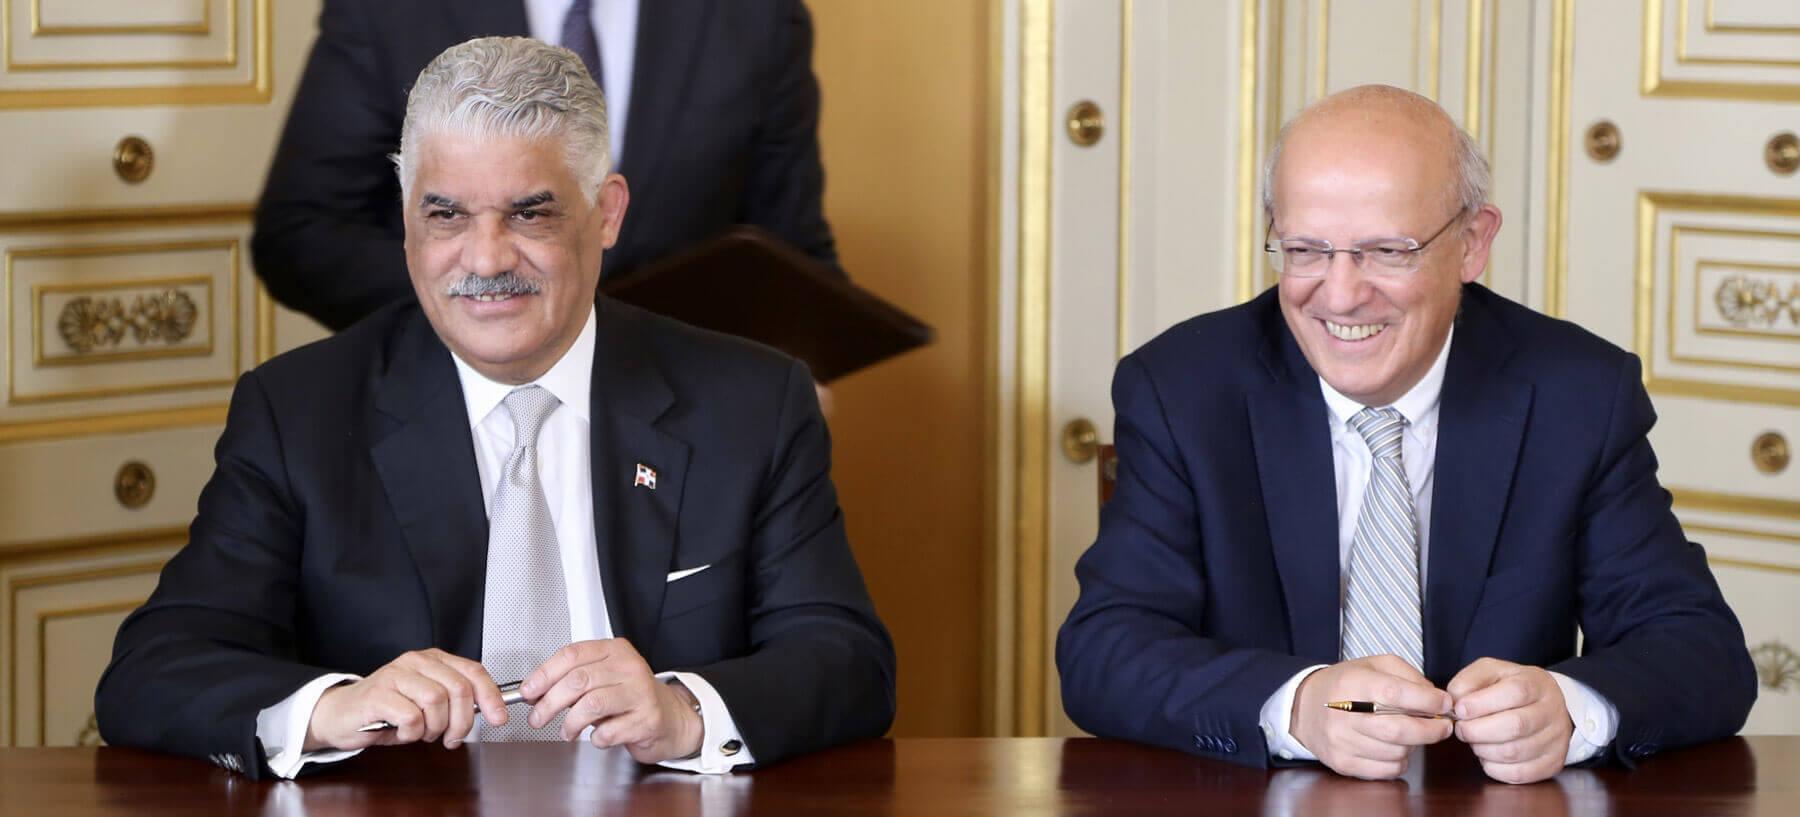 RD Y Portugal Relanzan Relaciones Diplomáticas Con La Firma De Nuevos Acuerdos